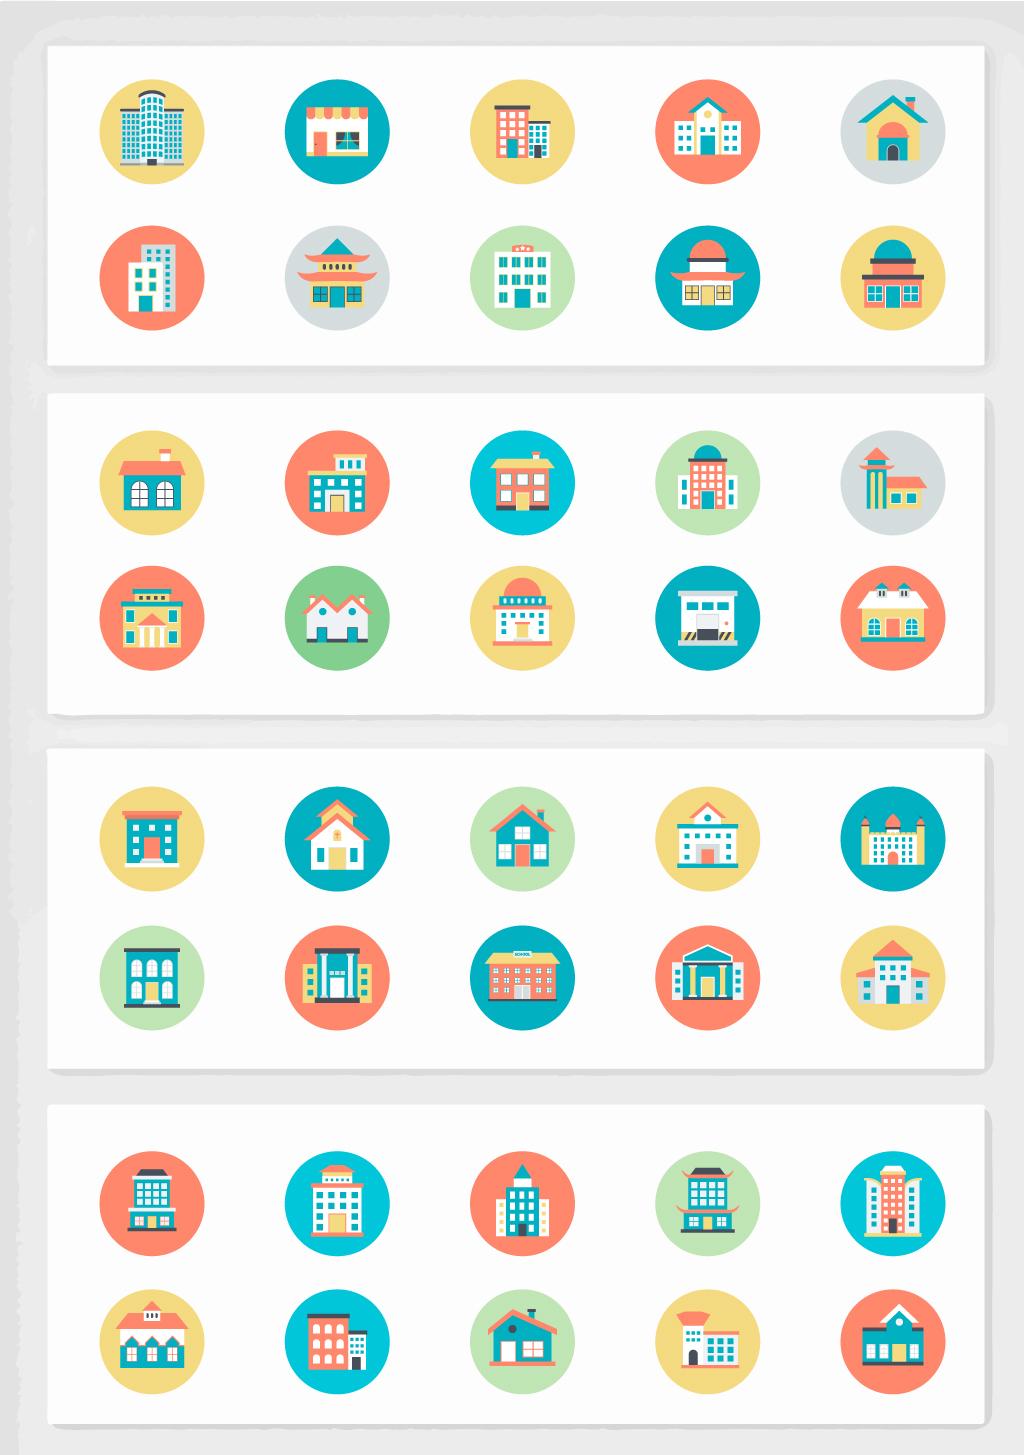 城市建设图标设计元素